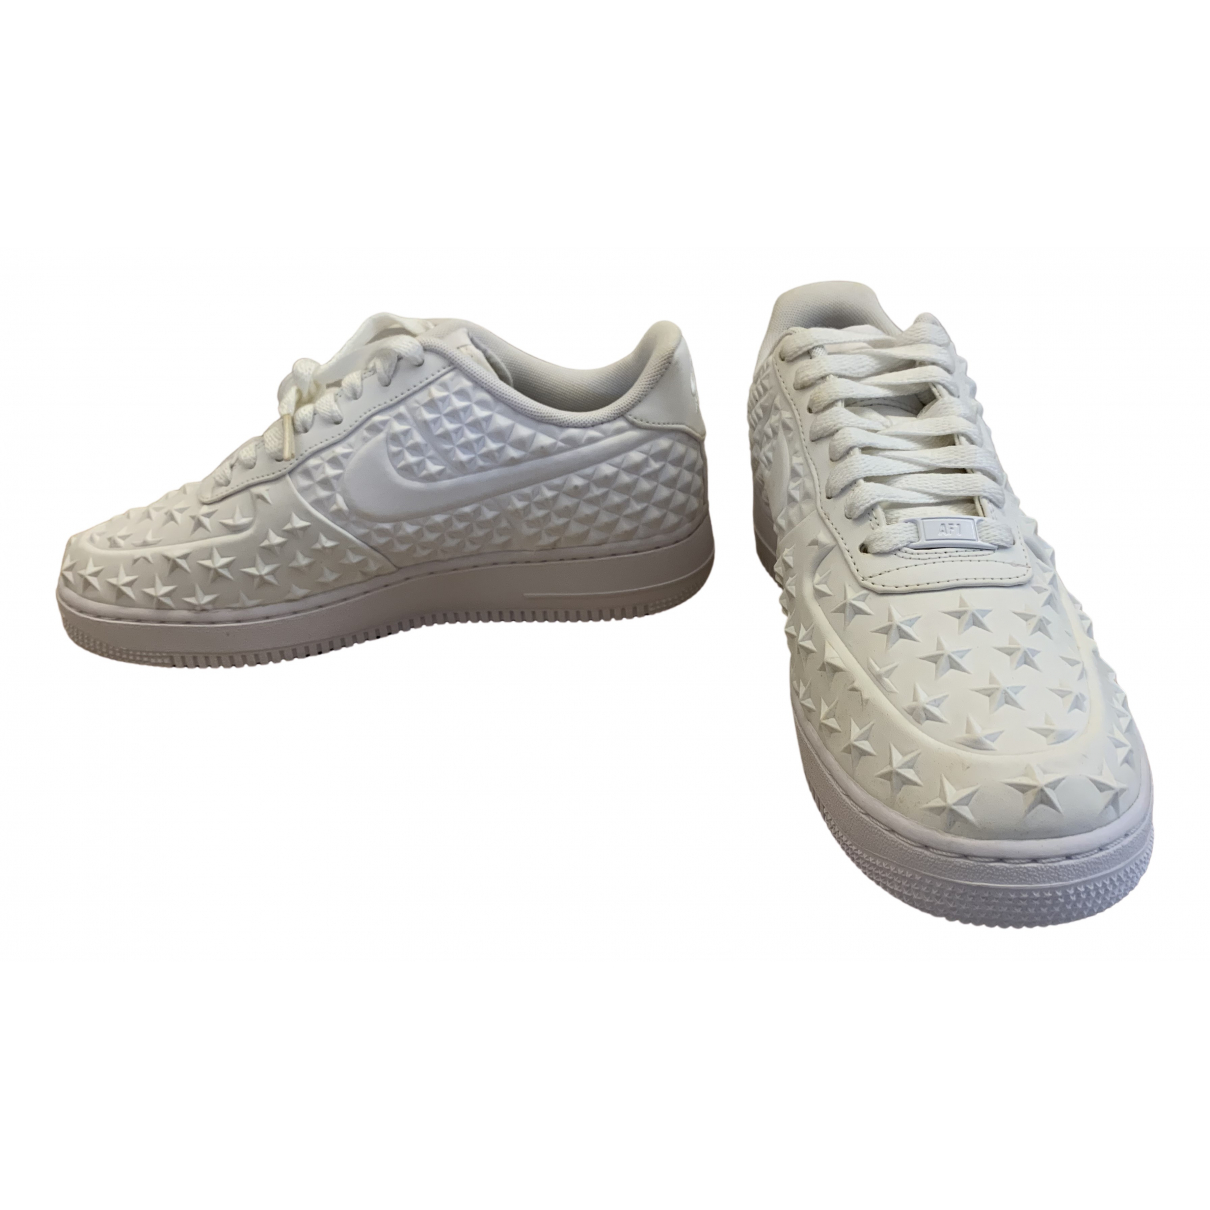 Nike - Baskets Air Force 1 pour homme en caoutchouc - blanc